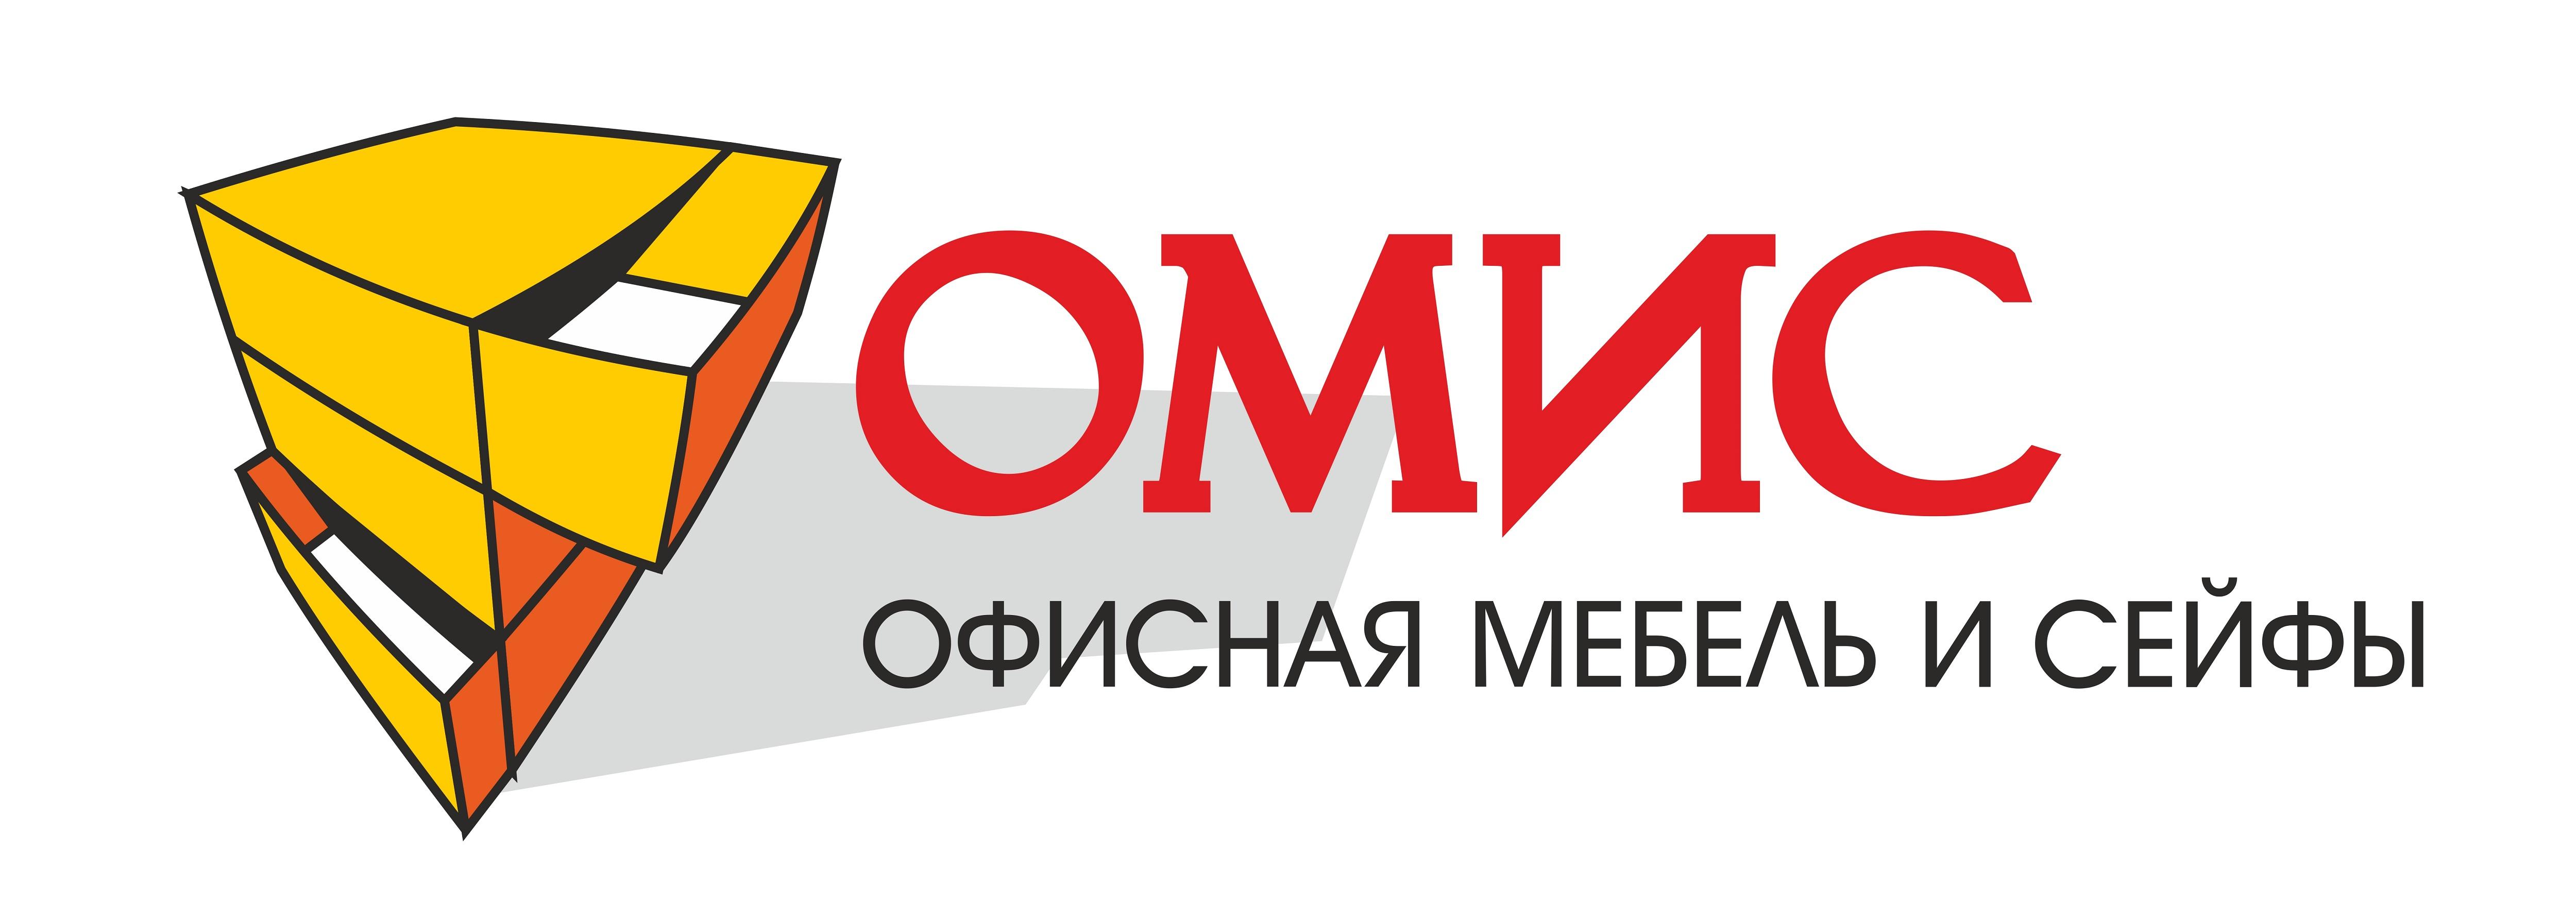 ОМИС-Тверь, ООО